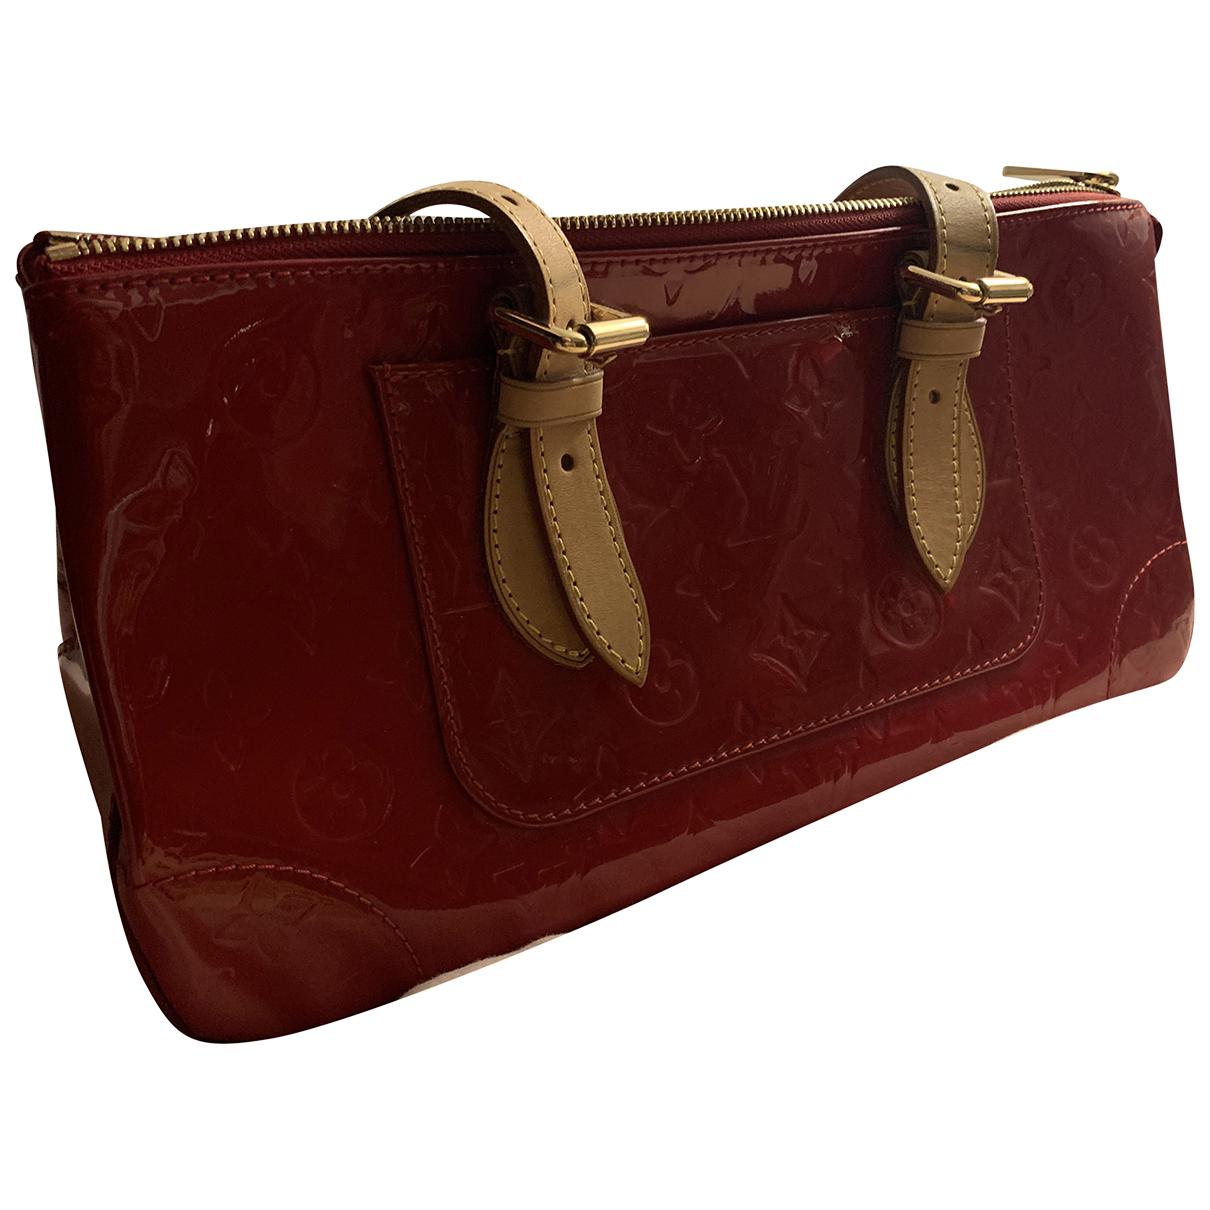 Louis Vuitton - Sac a main Rosewood pour femme en cuir verni - rouge